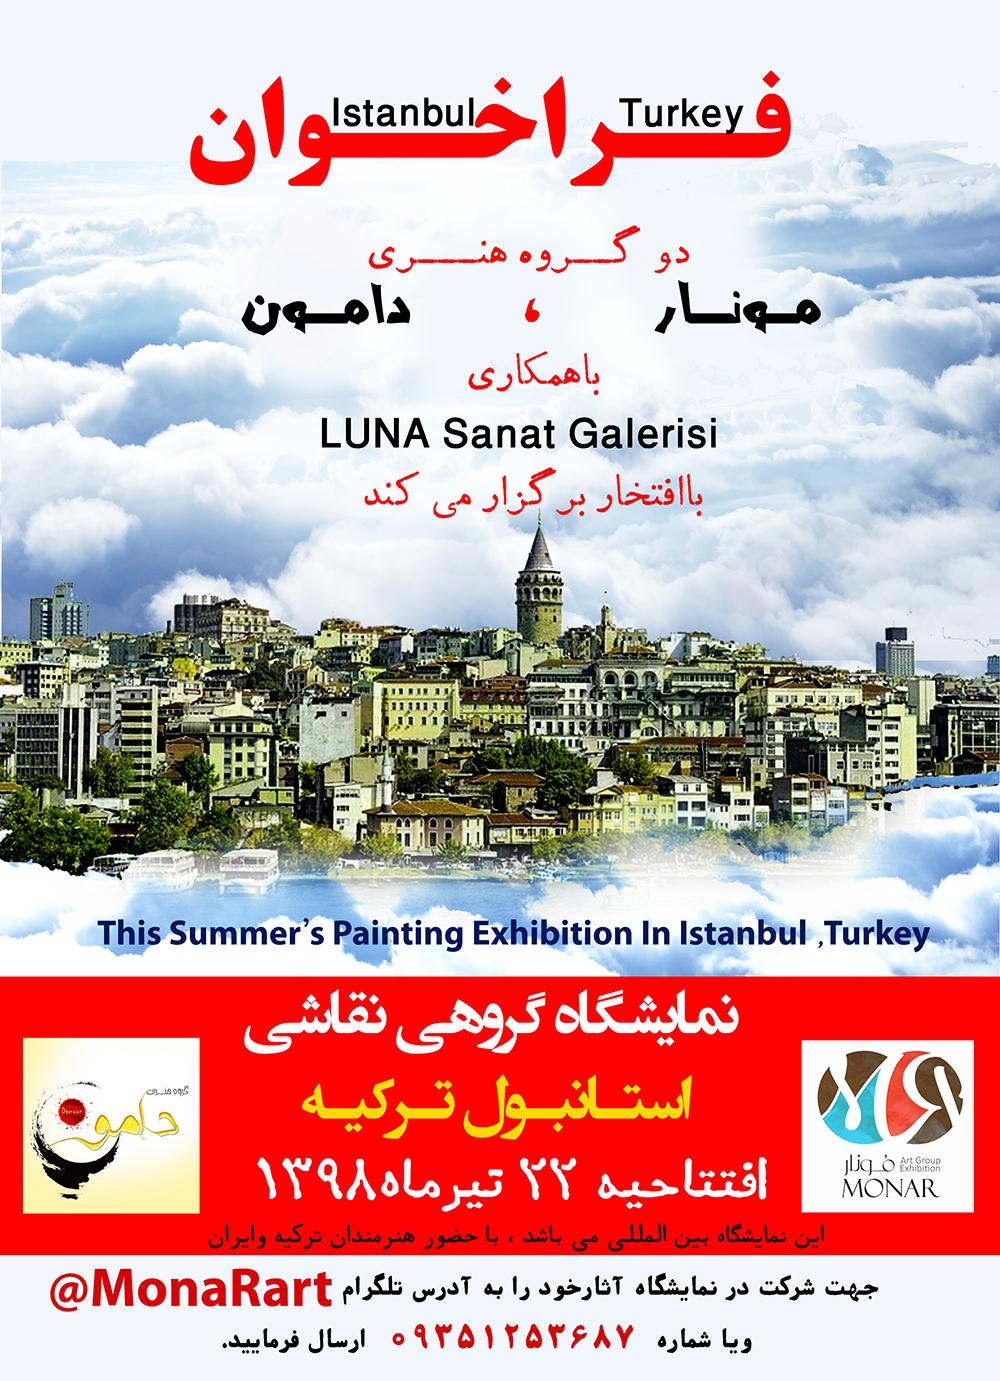 فراخوان نمایشگاه گروهی بین المللی طراحی و نقاشی در شهر استانبول